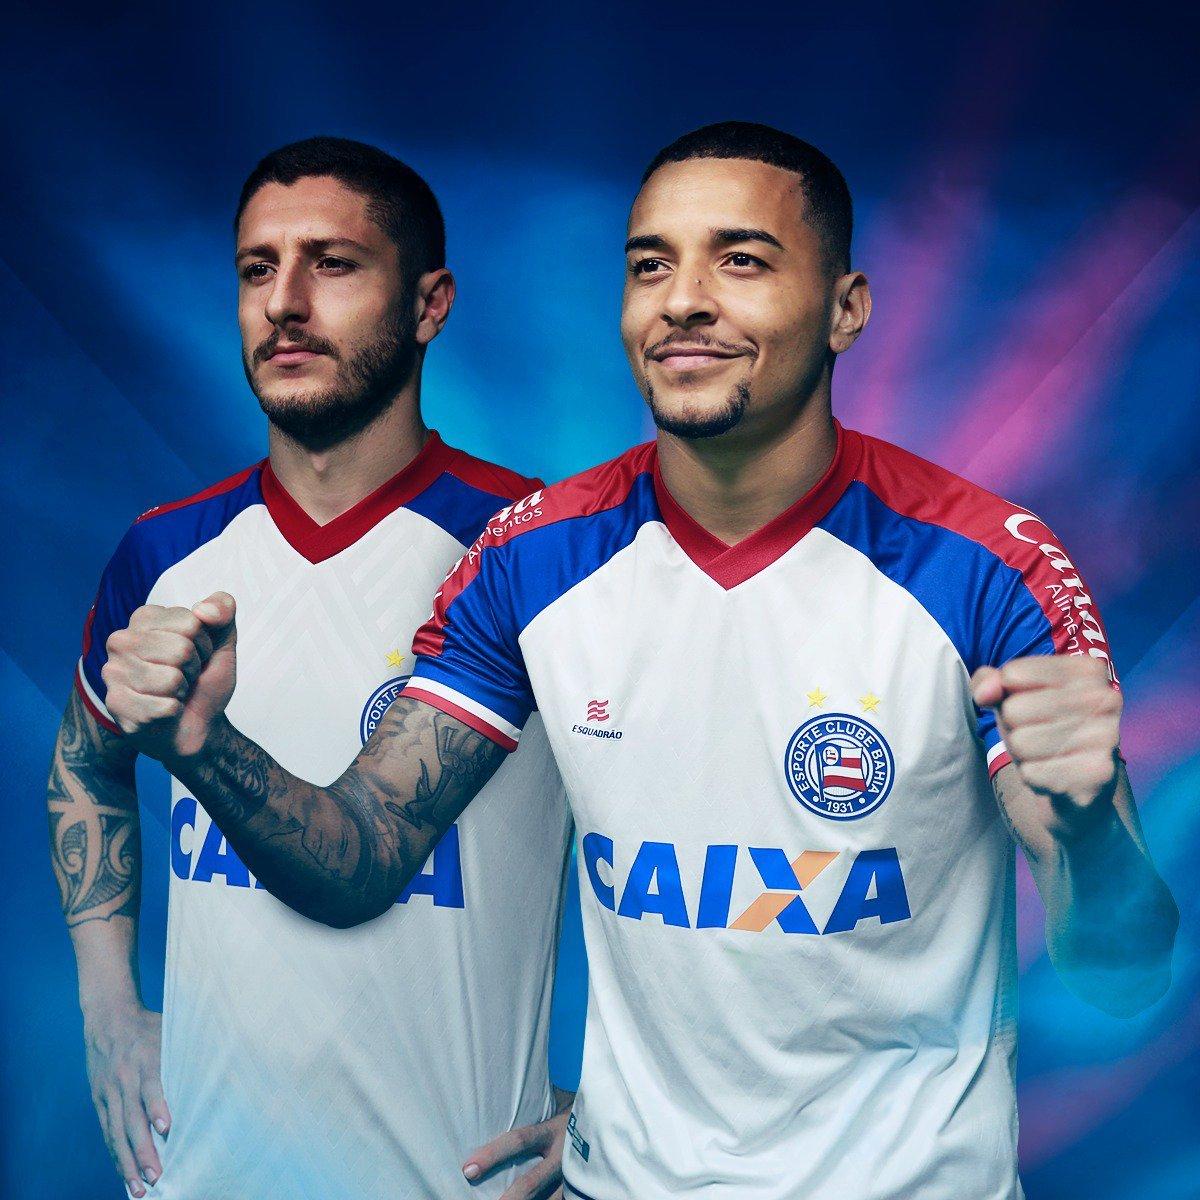 d1108bf9c2 Bahia é 1º time da Série A do Brasileiro a ter marca própria de ...